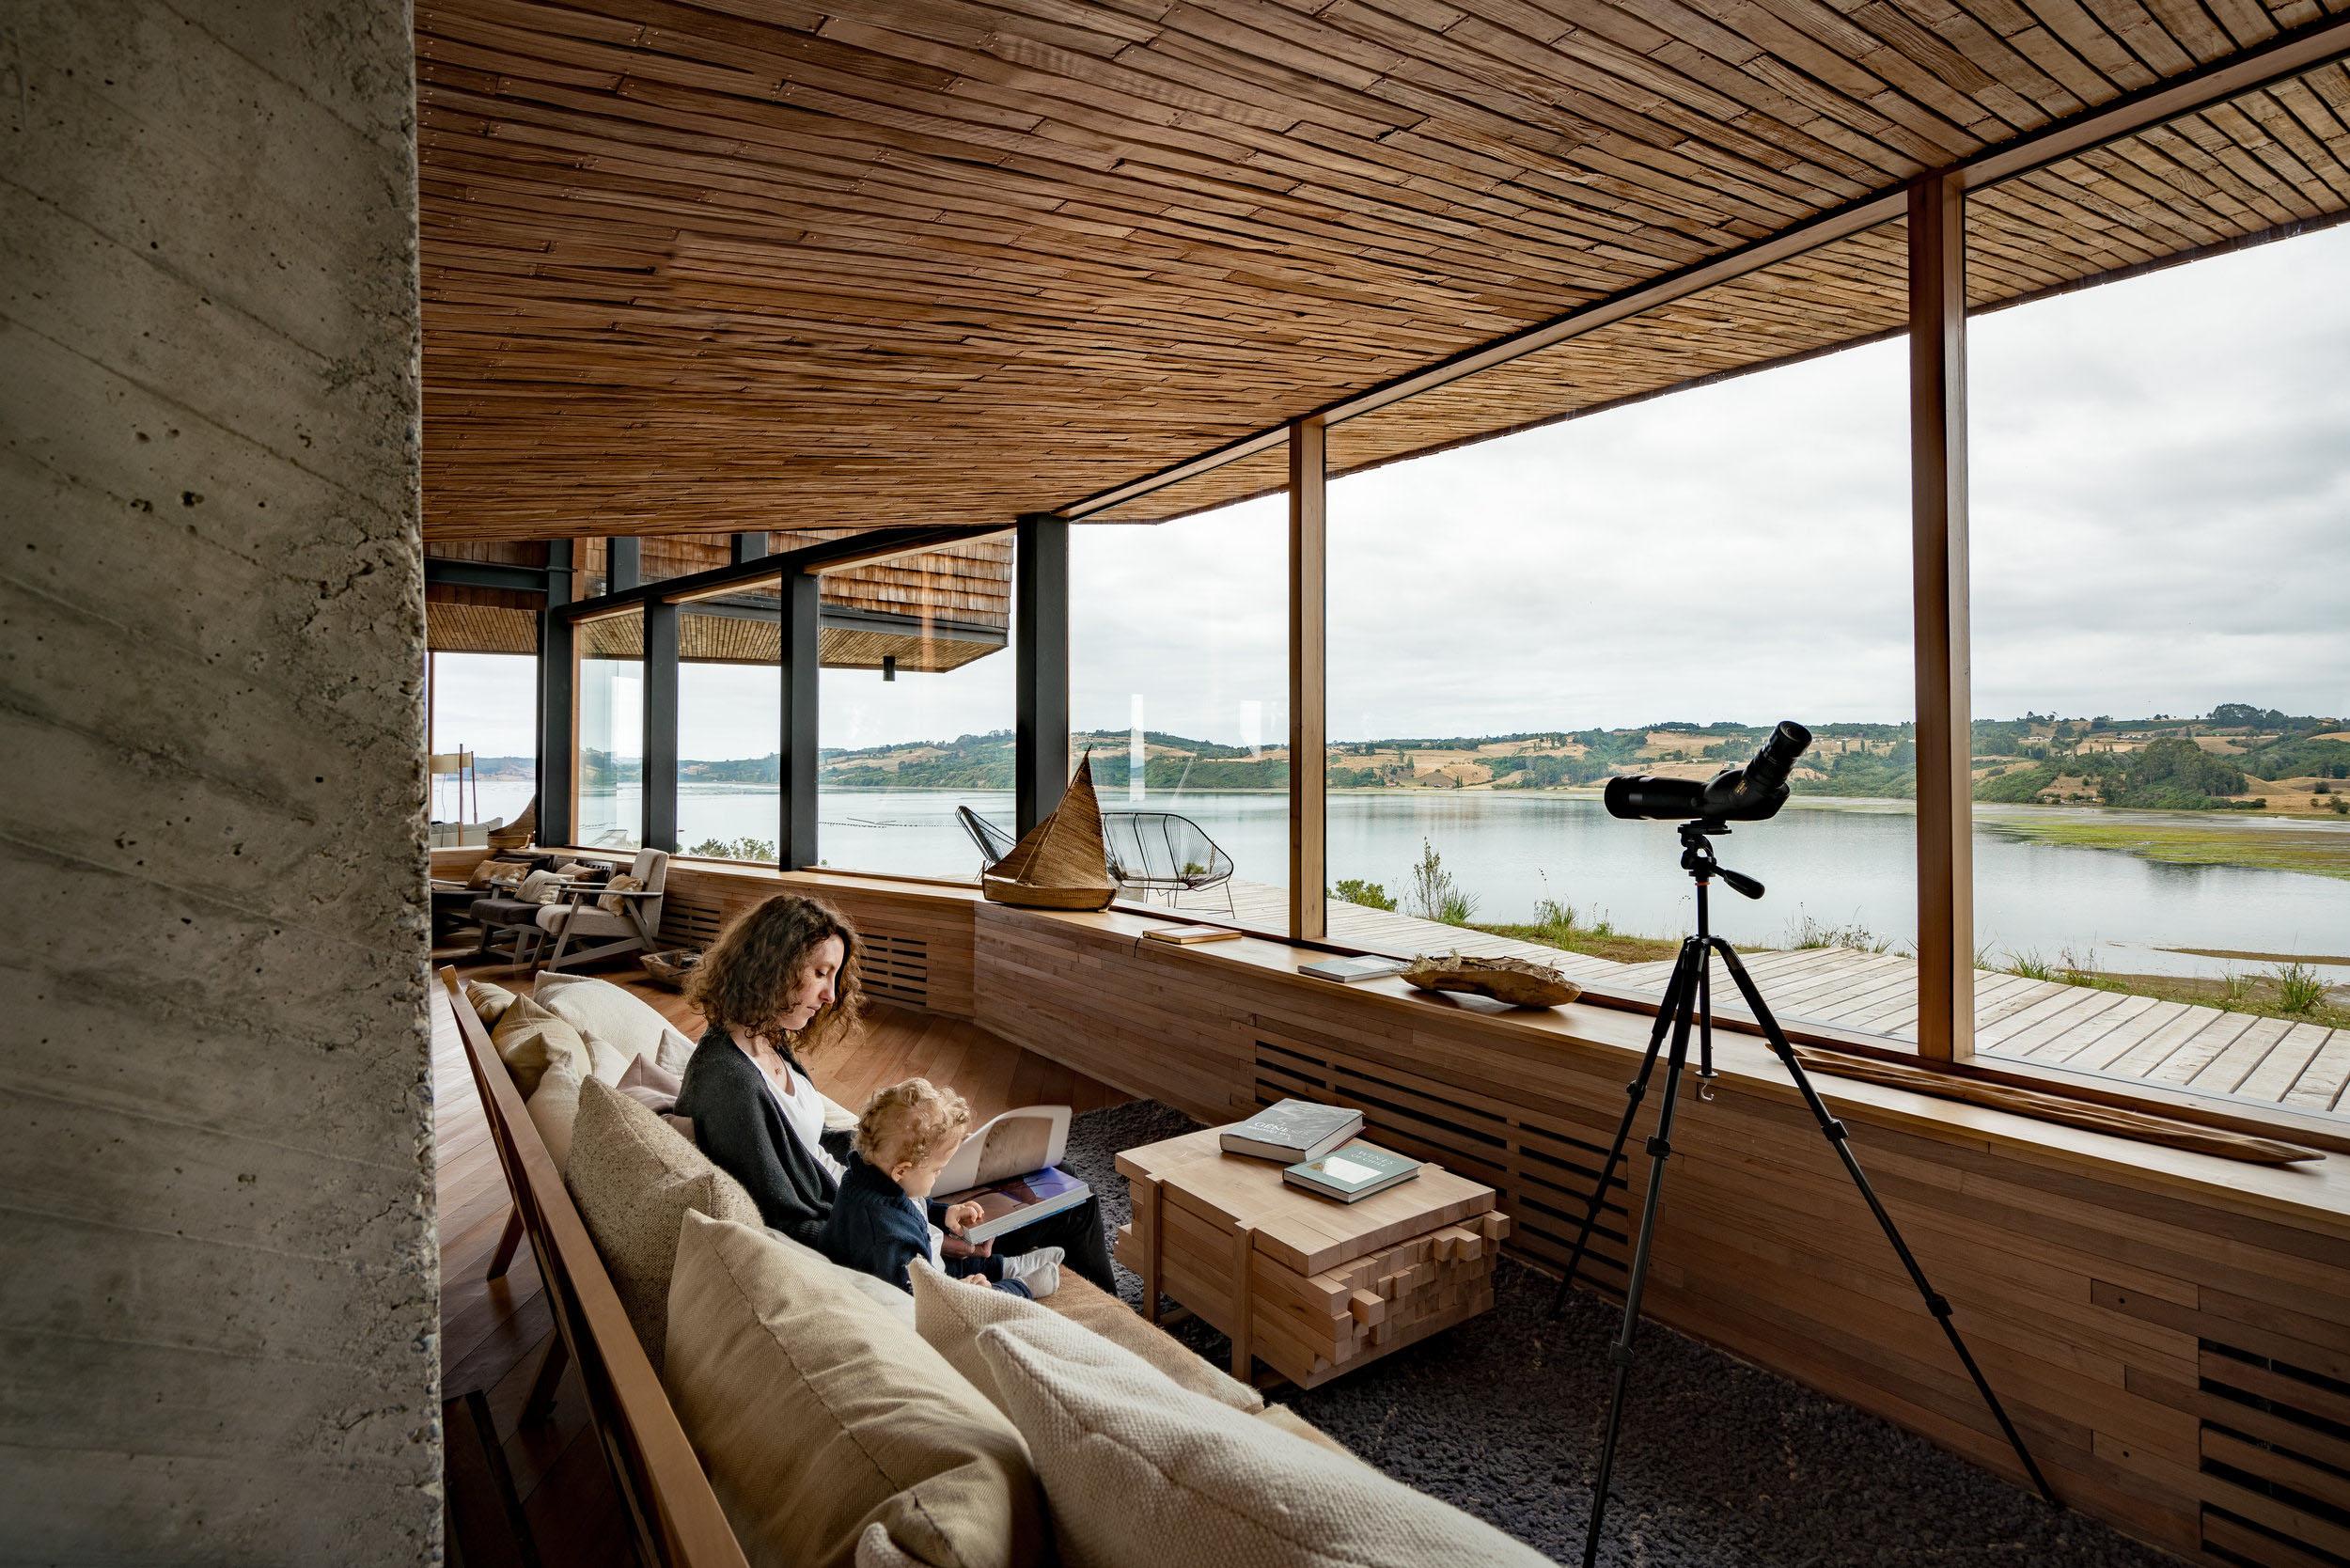 Hotel+Tierra+Chiloe-1-100 copy.jpg